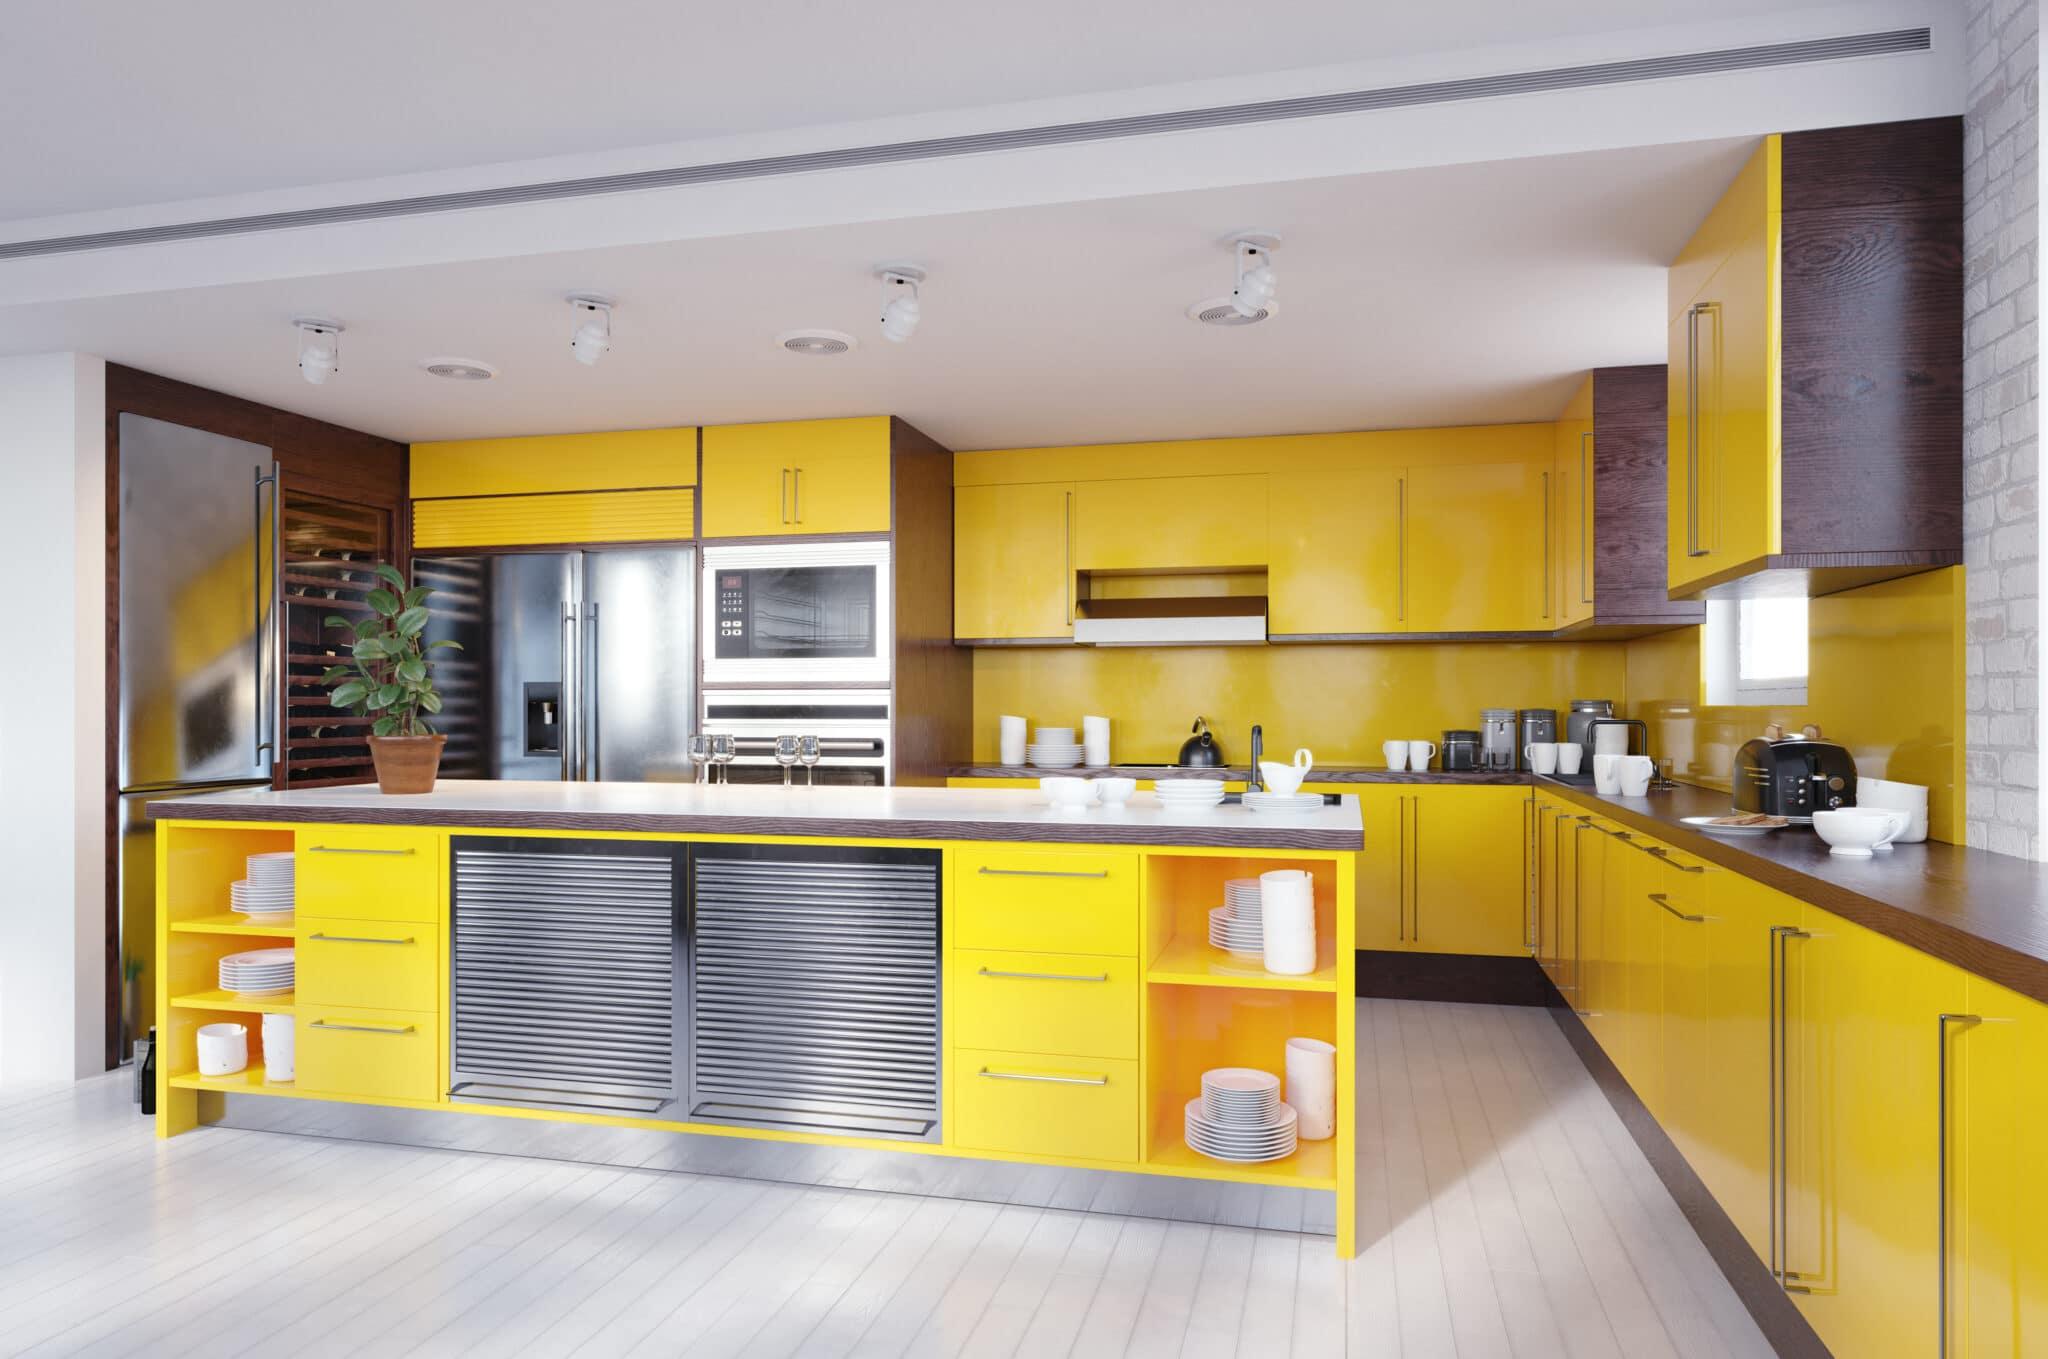 מטבחים מעץ מכירת אקססורי למטבחים מקצוענים עם מלא ידע בתחום שיודעים לספק שירות אדיב ומקצועי, שמומחים לשירותי ייצור ועיצוב מטבחים בד בבד אפיון דרישות הלקוח ומסירת המטבח